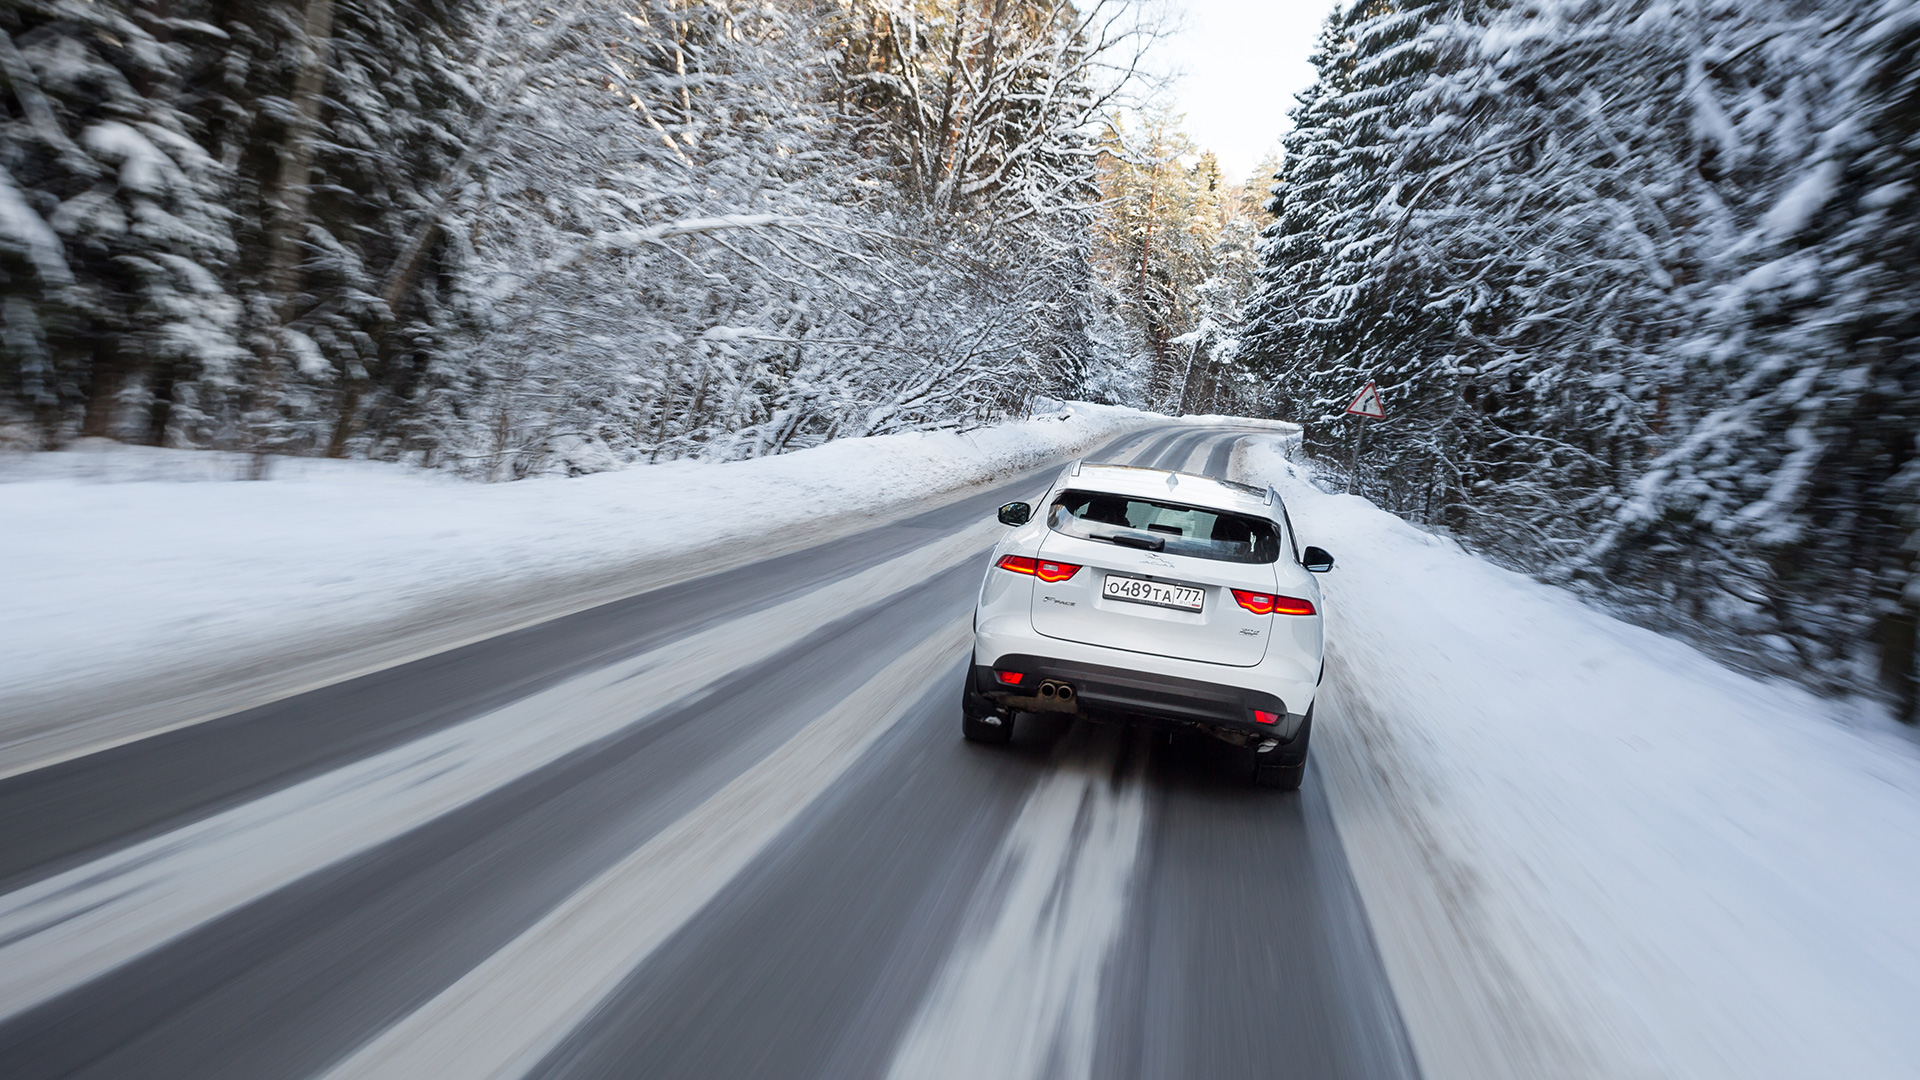 Длительный тест Jaguar F-Pace: итоги, конкуренты истоимость владения. Фото 3